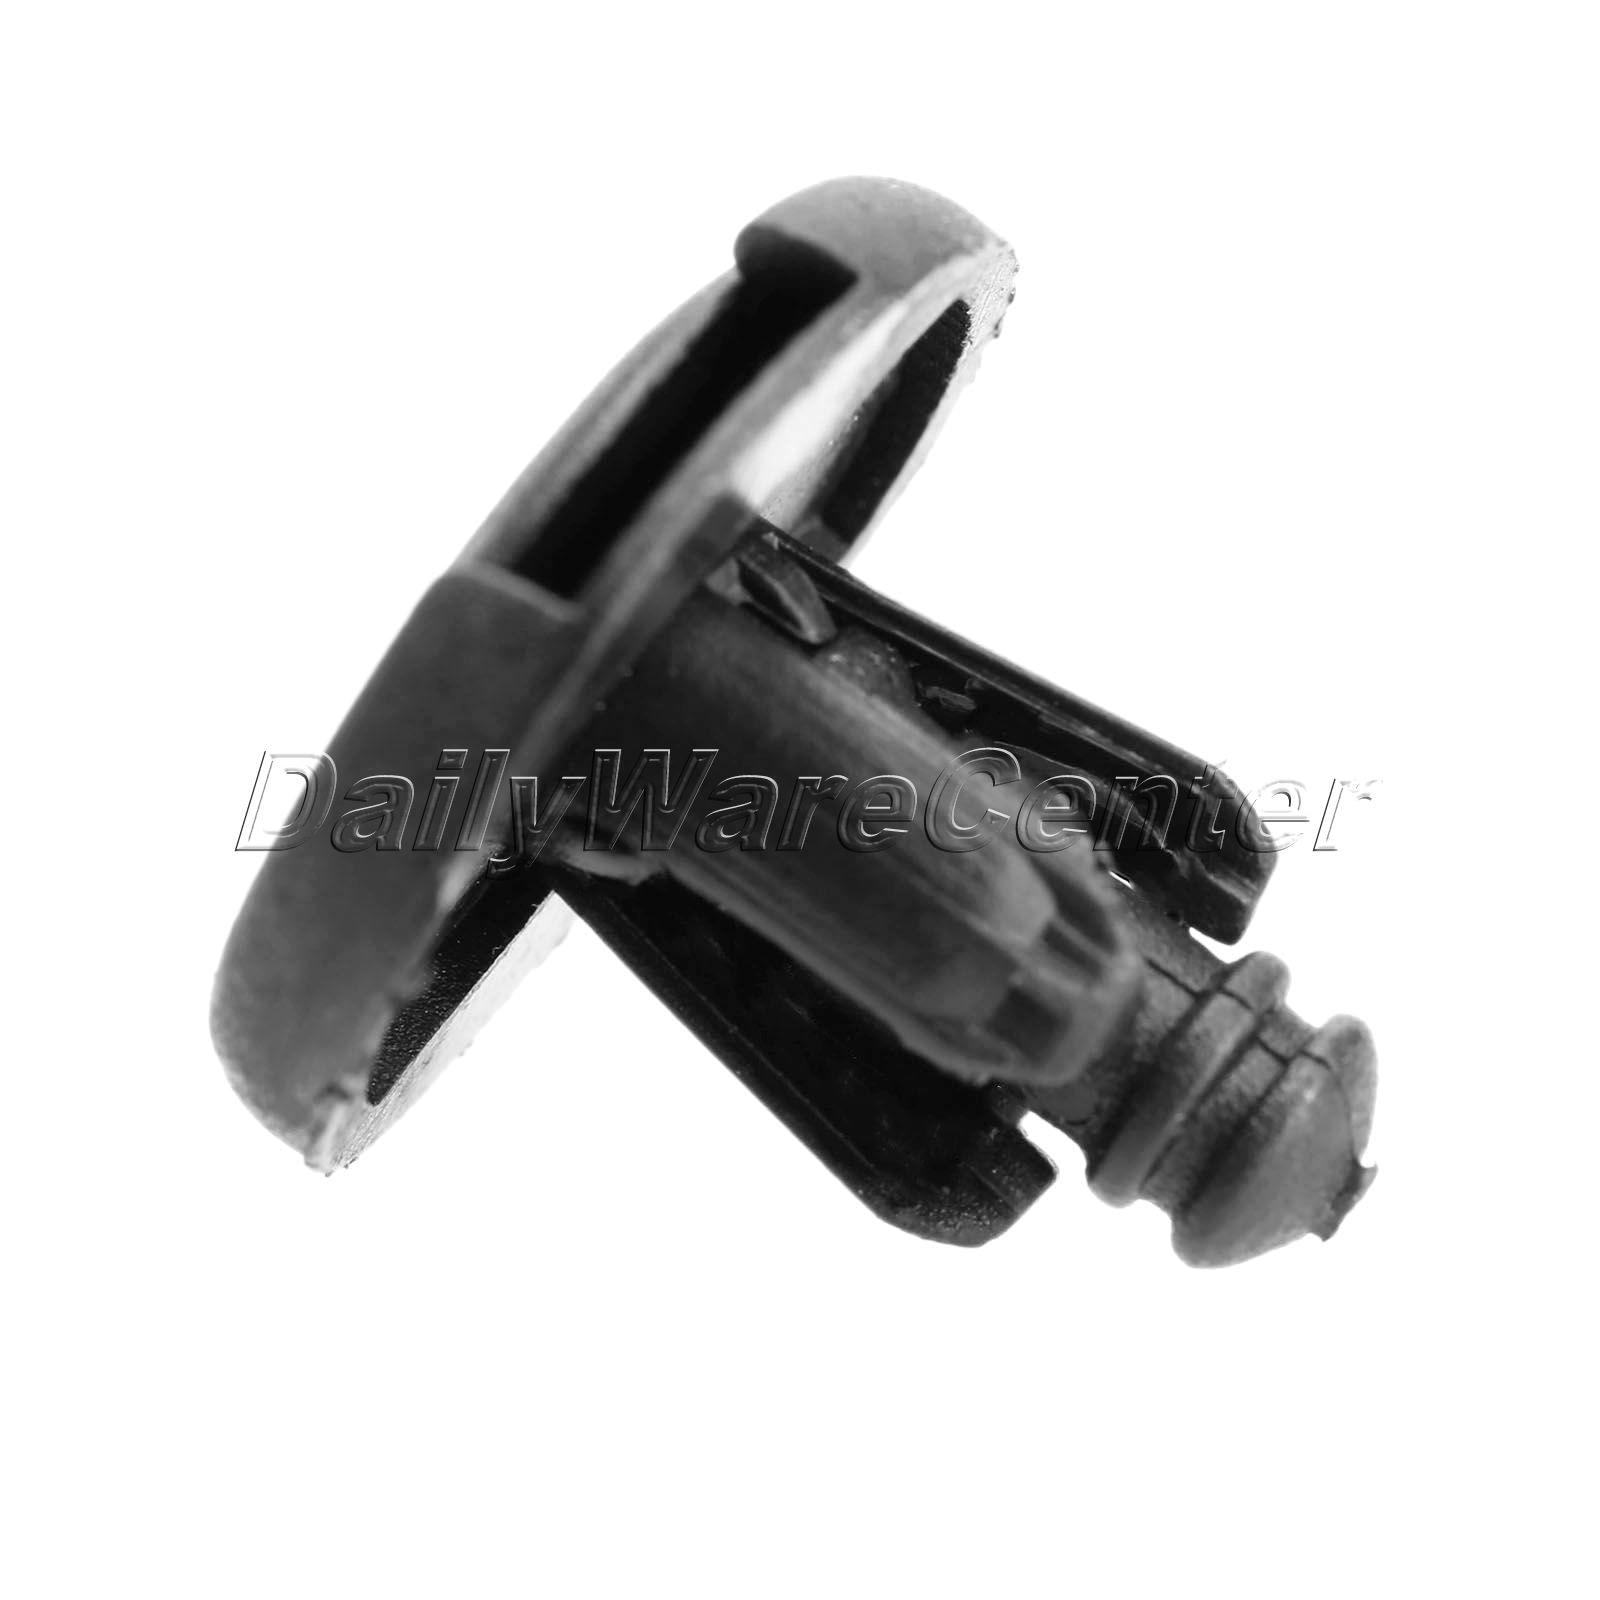 50 Teile / los Auto 7mm Loch Kunststoffnieten Verschluss Push Clips - Auto-Innenausstattung und Zubehör - Foto 4